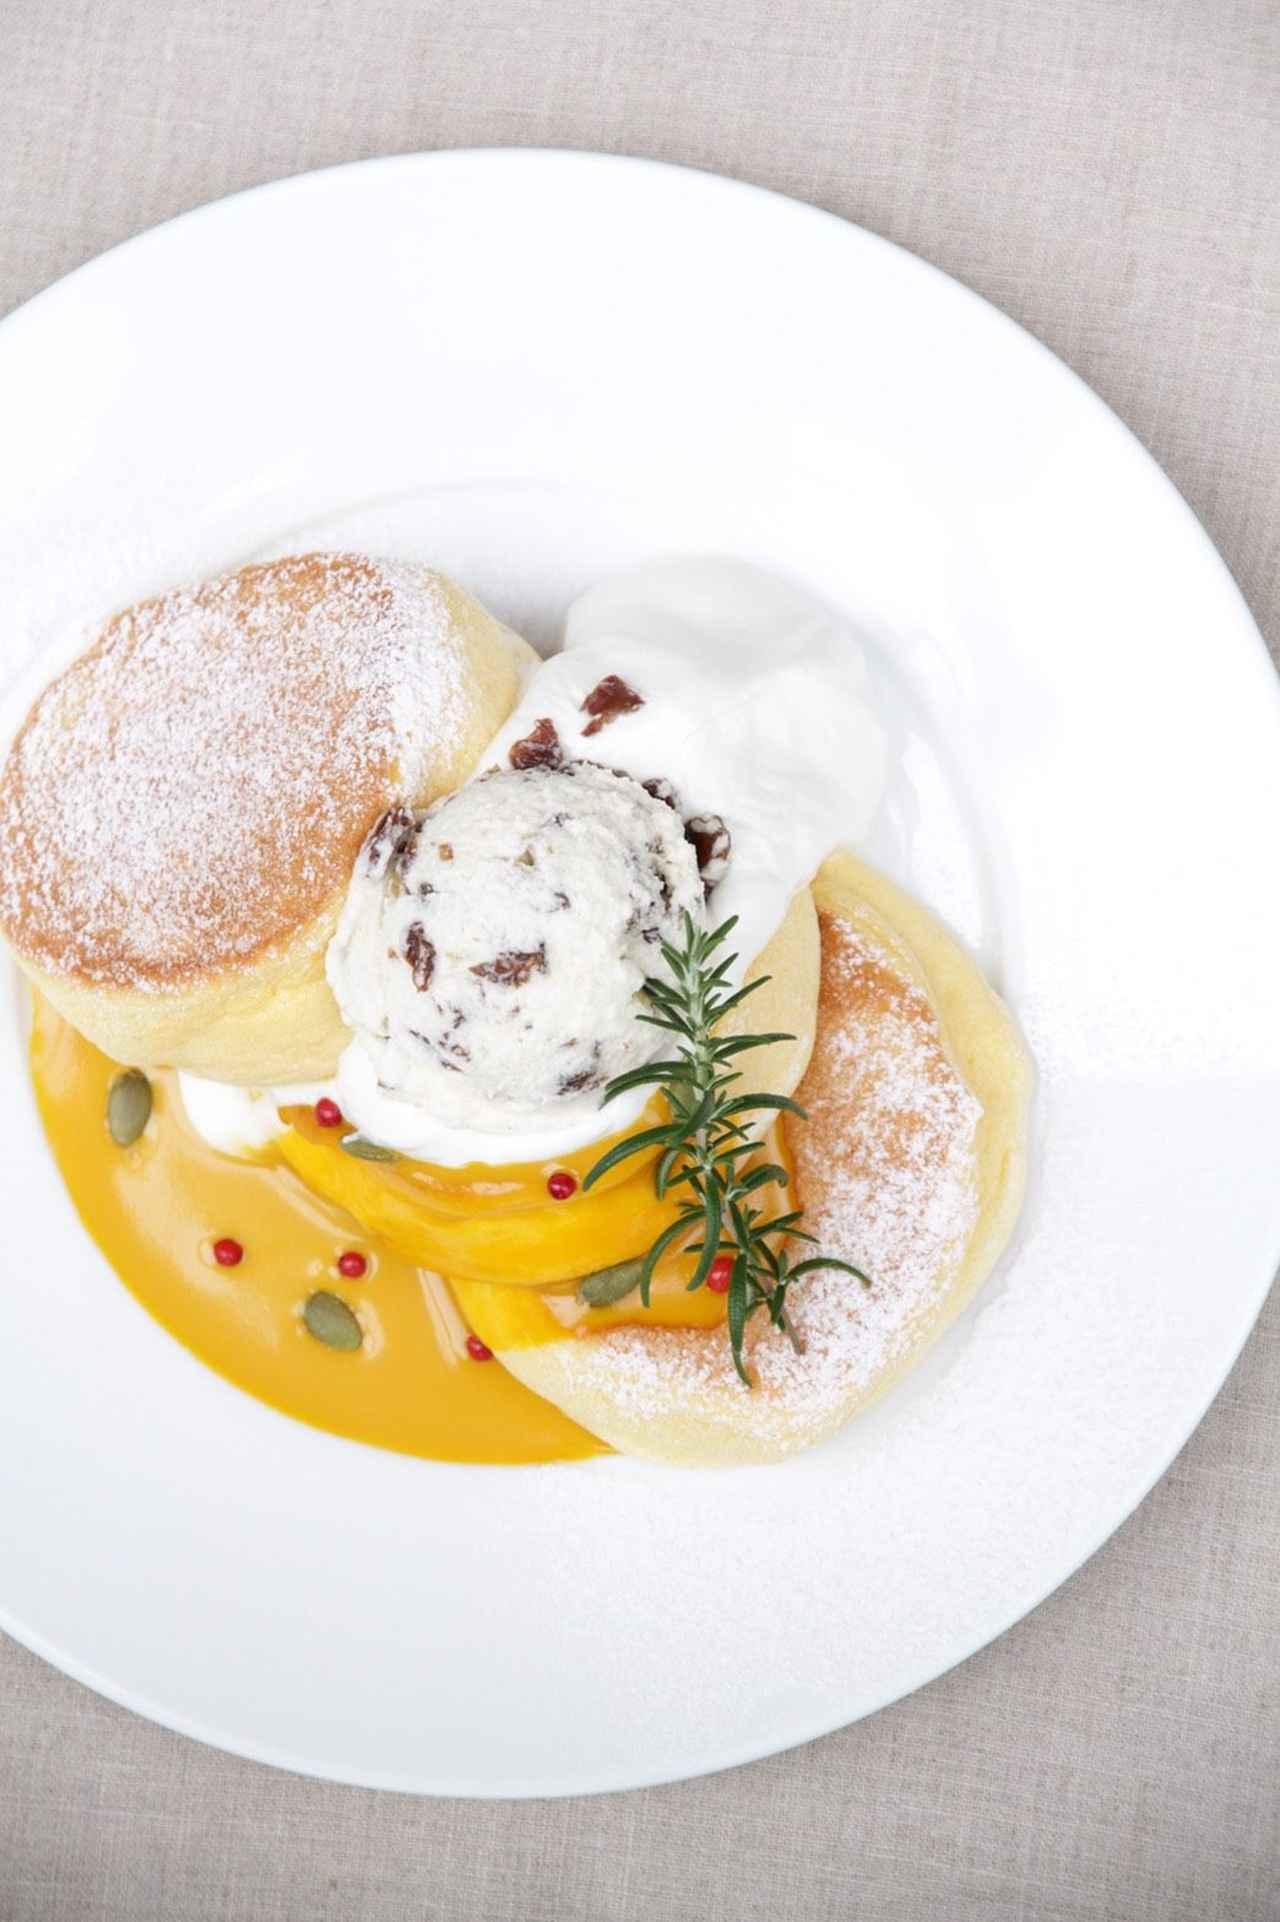 画像2: 『幸せのパンケーキ』から秋の季節限定メニュー発売